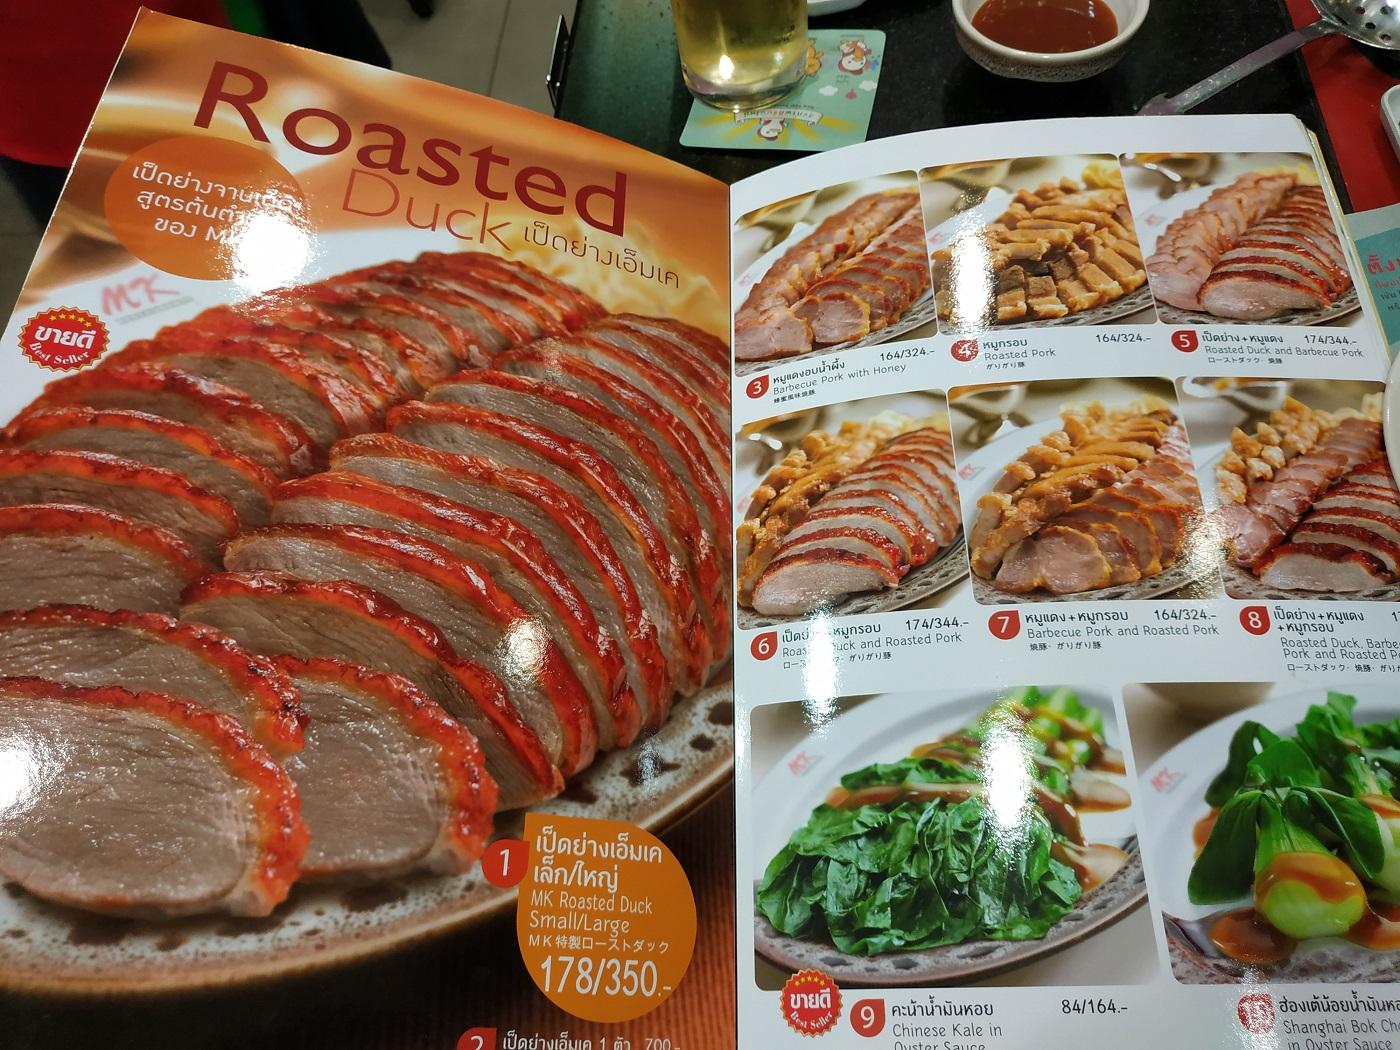 MK Restaurant Thailand duck meat